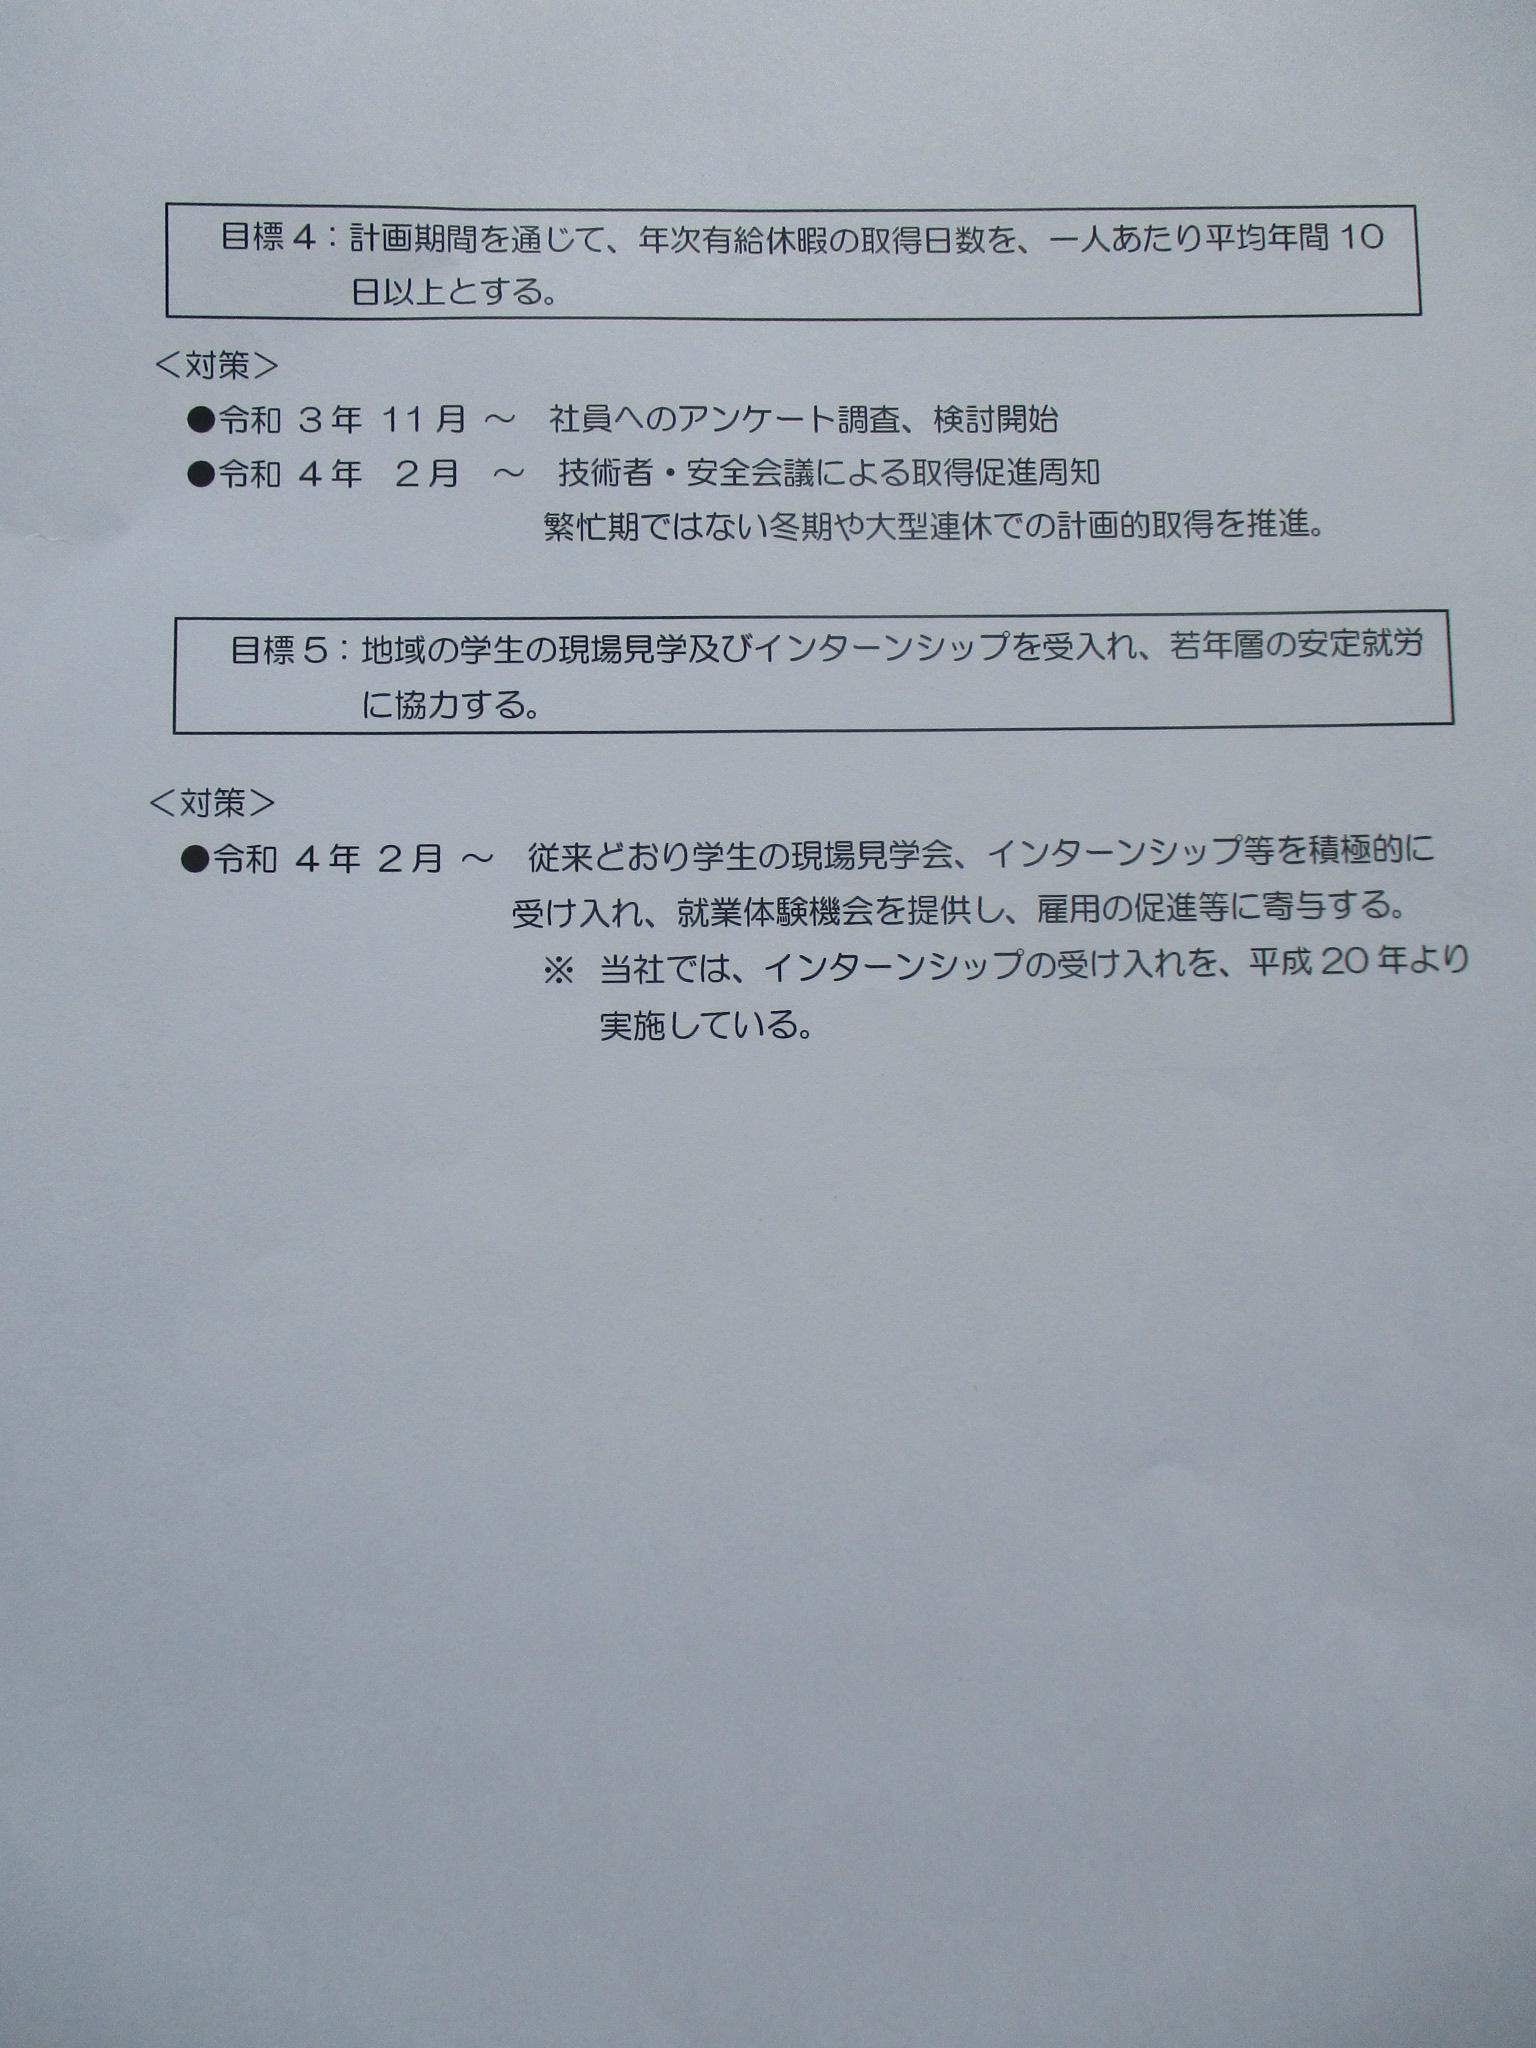 沿革 関連画像02